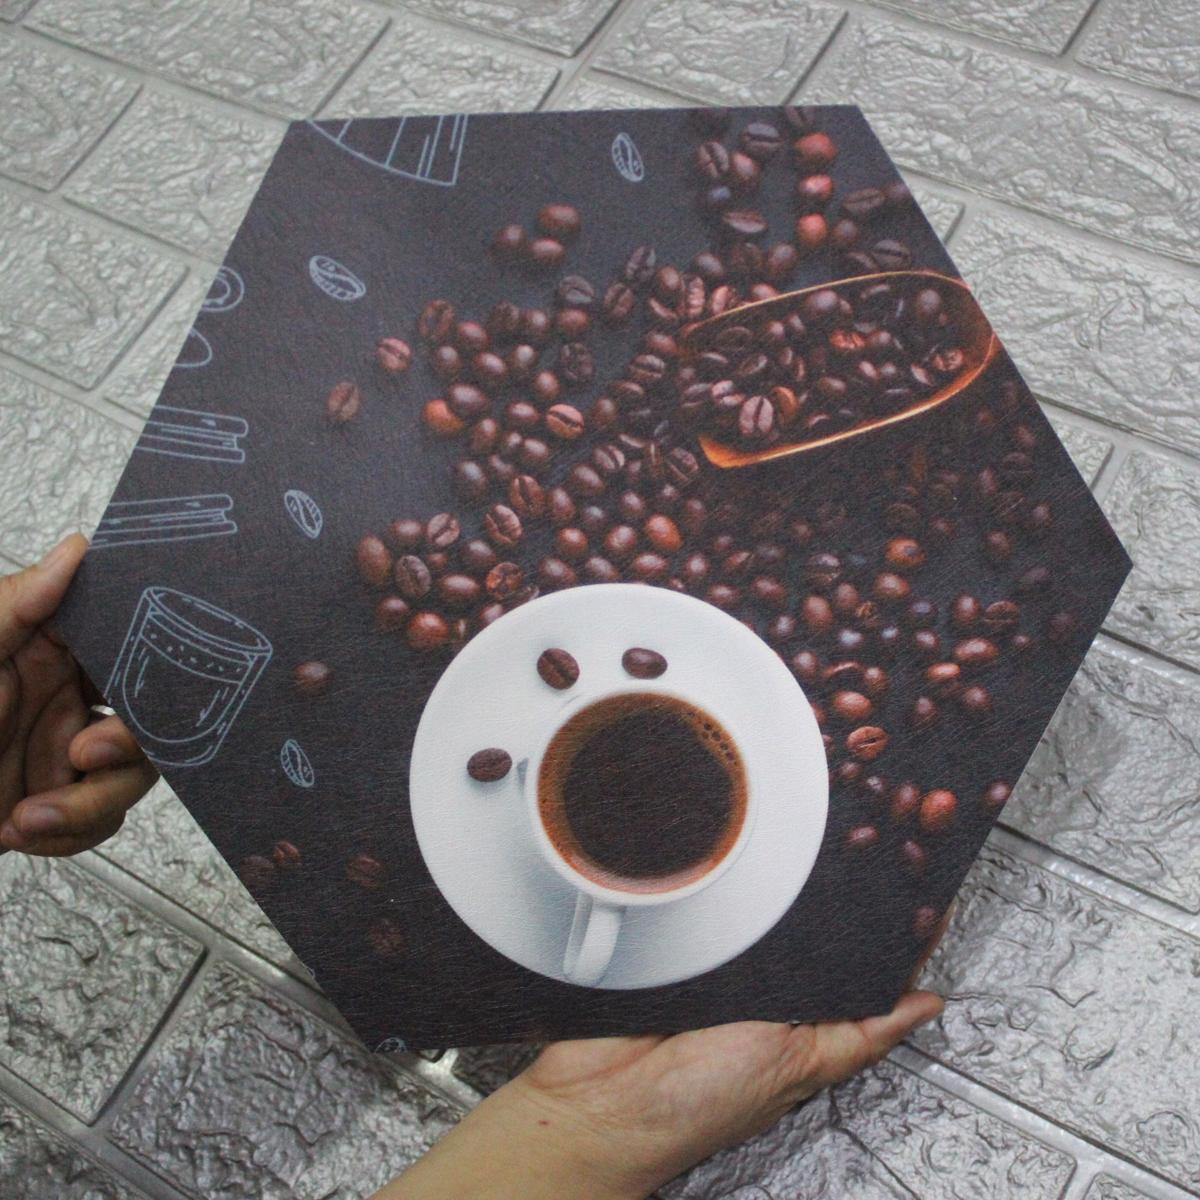 Tranh Formex 3D Nghệ Thuật Chủ đề Coffee -  Dùng Để Dán Tường, Dán Kính, Treo Tường Trang Trí, Thiết Kế, Decor quán Cafe Đẹp - Họa Tiết, Hình Vẽ Ly, Hạt Cà Phê - Chất Liệu Decal Vải Cán Trên Formex 5mm, Không Thấm Nước, Không Bay Màu